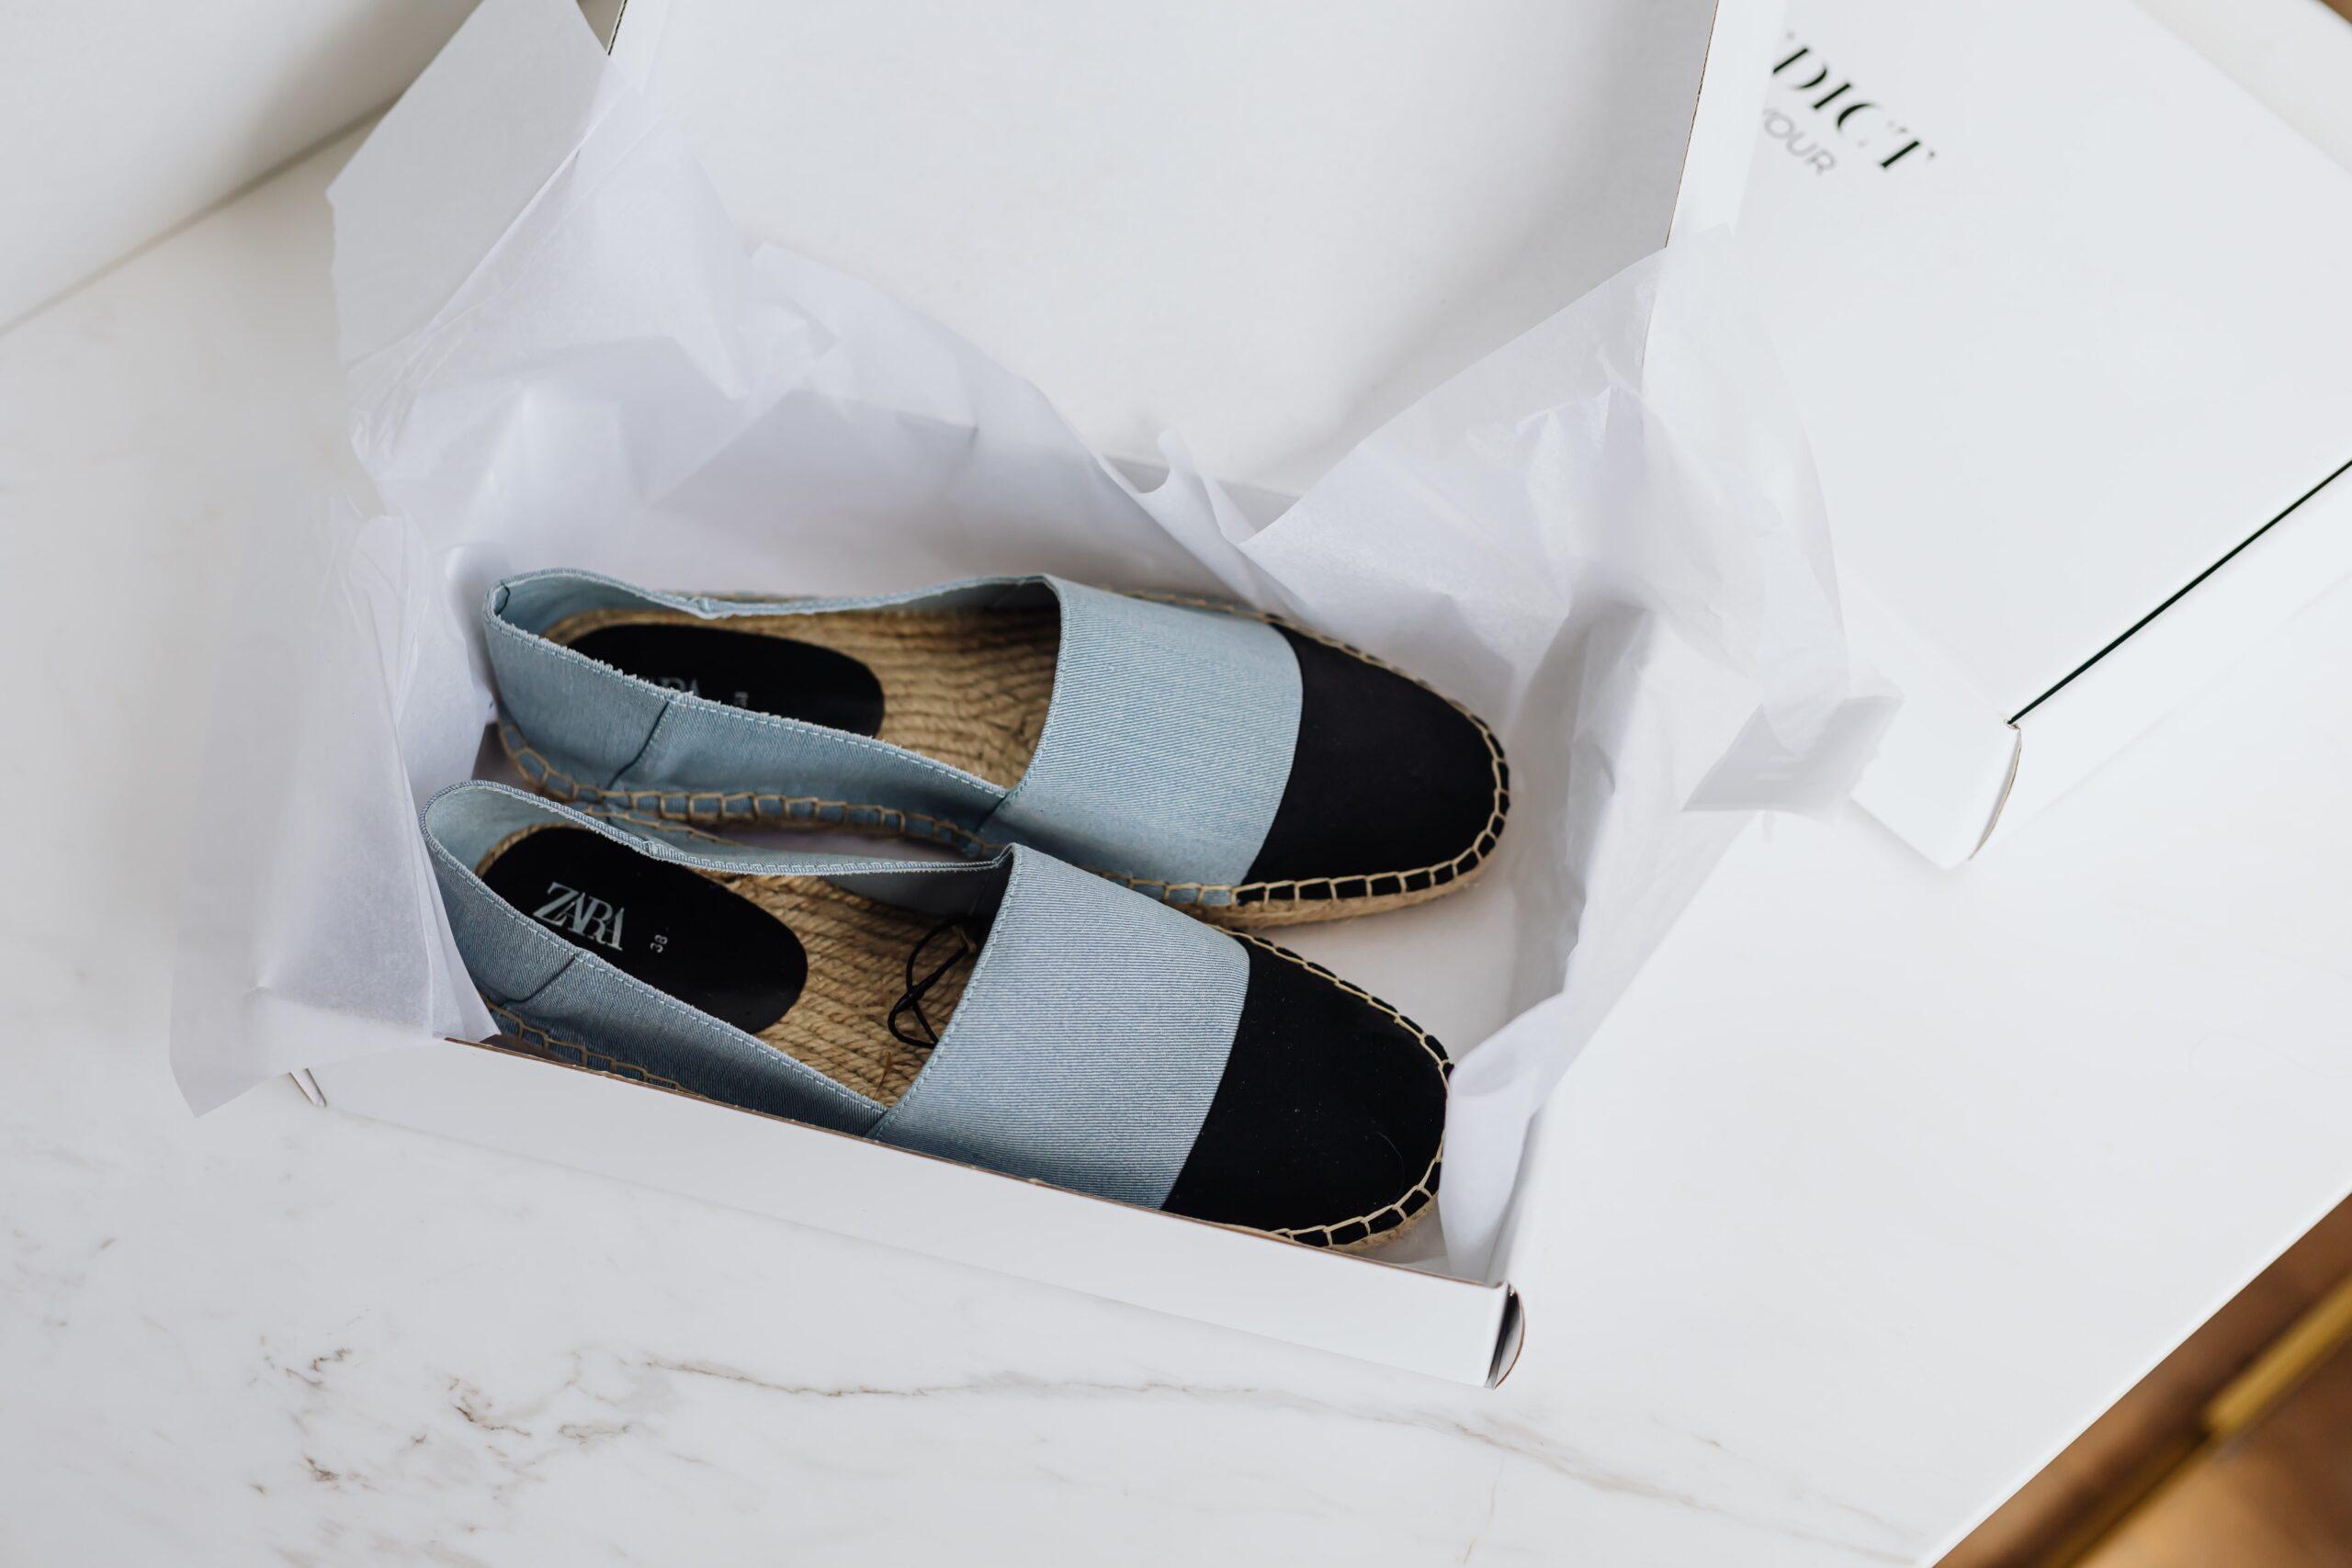 Las mejores sandalias para el verano - Trocadero Shoes